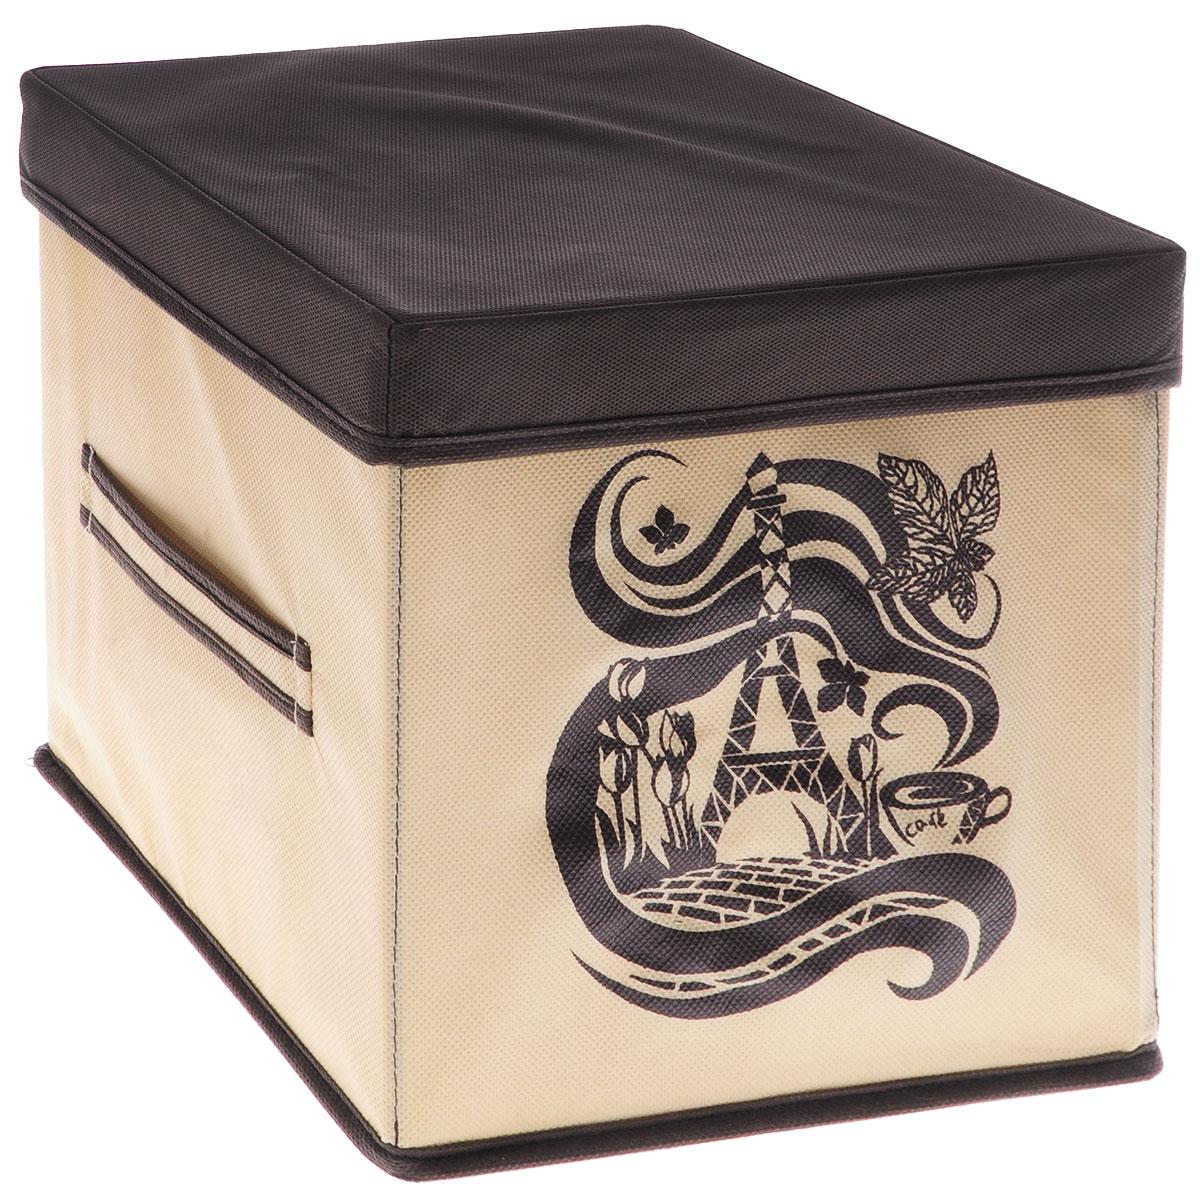 Коробка для вещей Все на местах Париж, с крышкой, цвет: коричневый, бежевый, 25 х 25 х 25 см1001054.Коробка с крышкой Все на местах выполнена из высококачественного нетканого материала, который обеспечивает естественную вентиляцию и предназначен для хранения вещей или игрушек. Он защитит вещи от повреждений, пыли, влаги и загрязнений во время хранения и транспортировки. Размер коробки: 25 х 25 х 25 см.